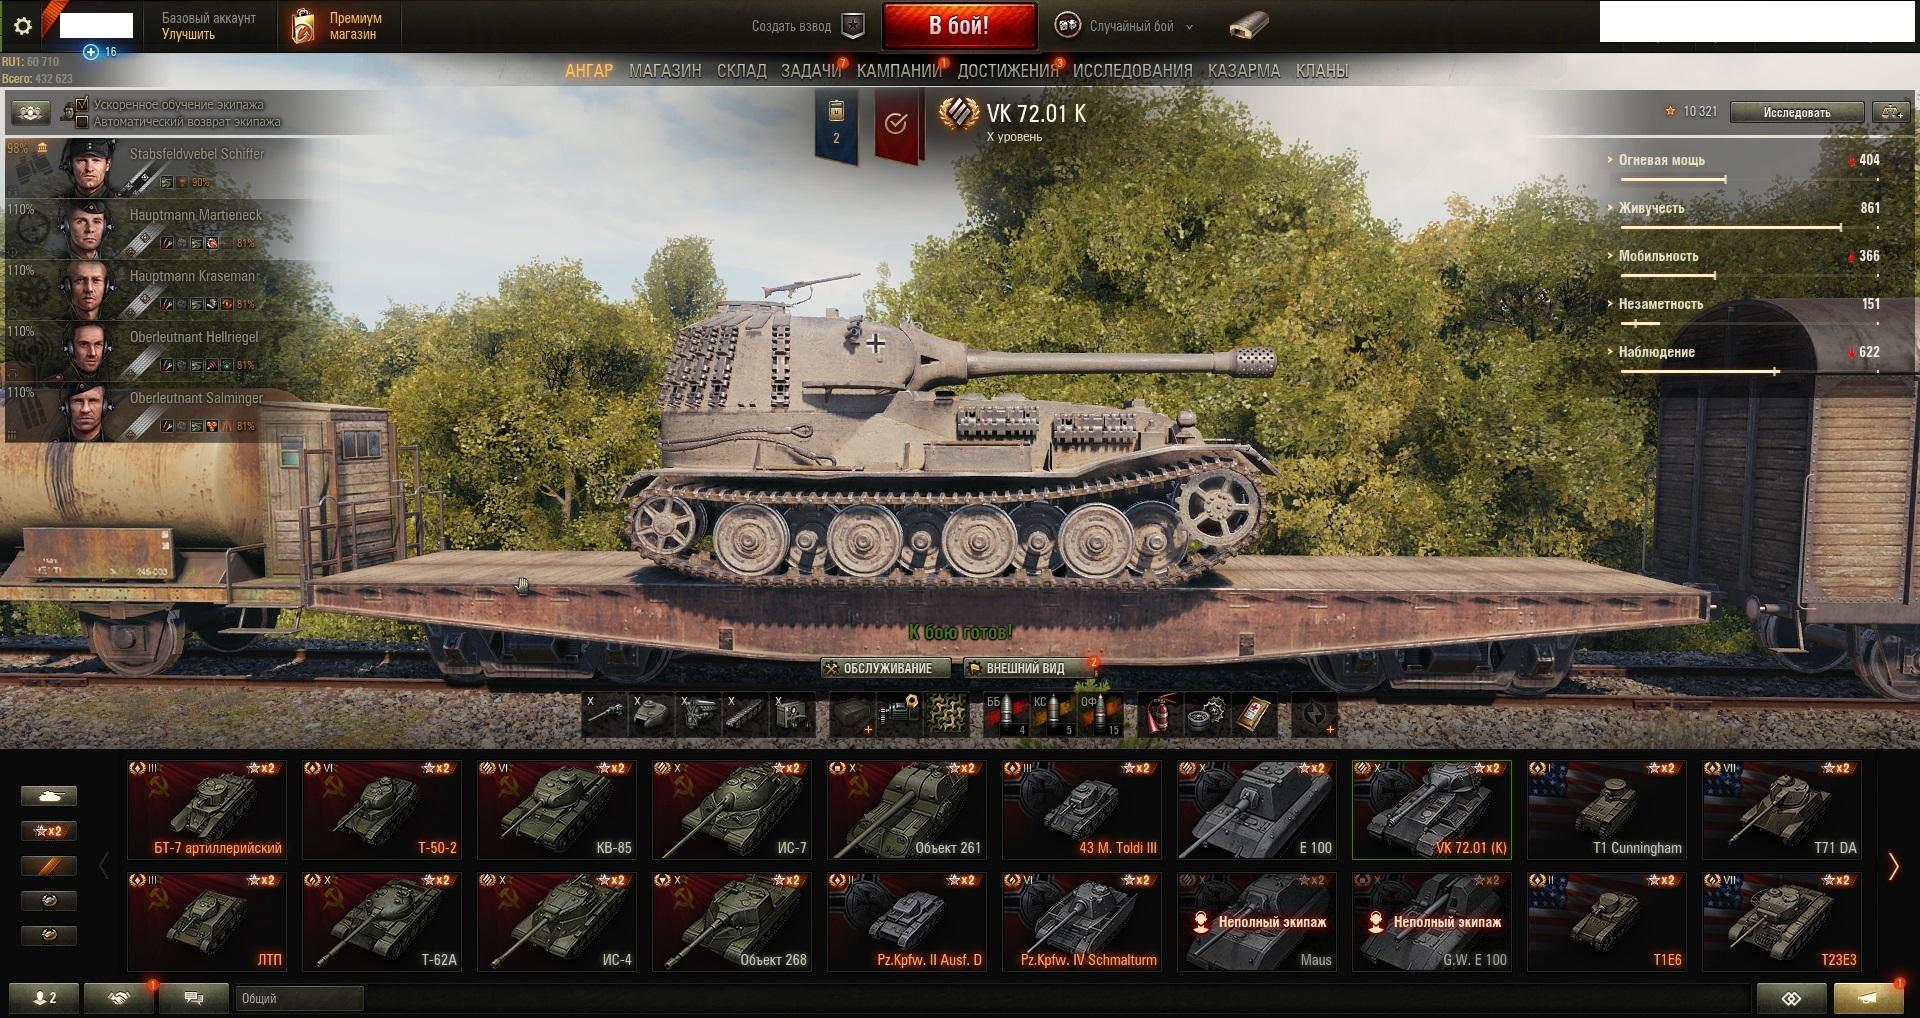 Купить джедая за 100 рублей world of tanks купить левшу world of tanks не дорого